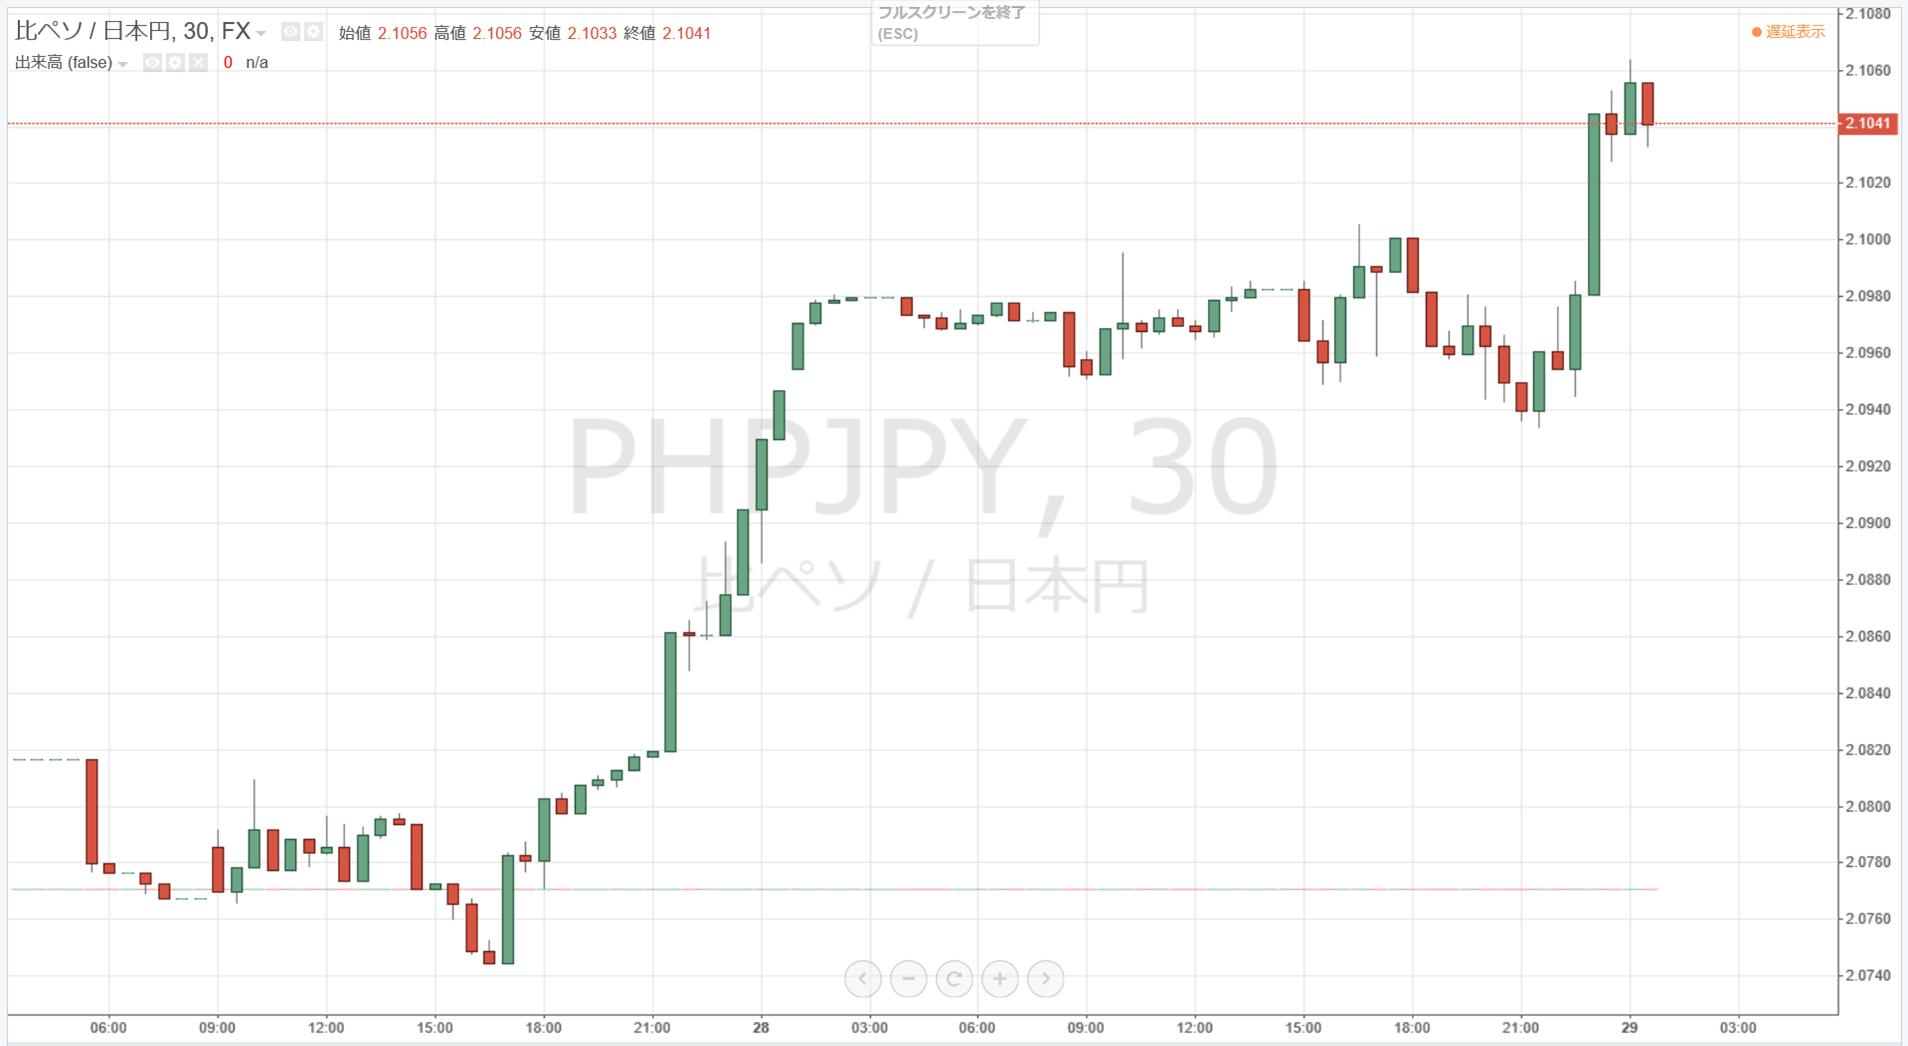 peso rate_201809